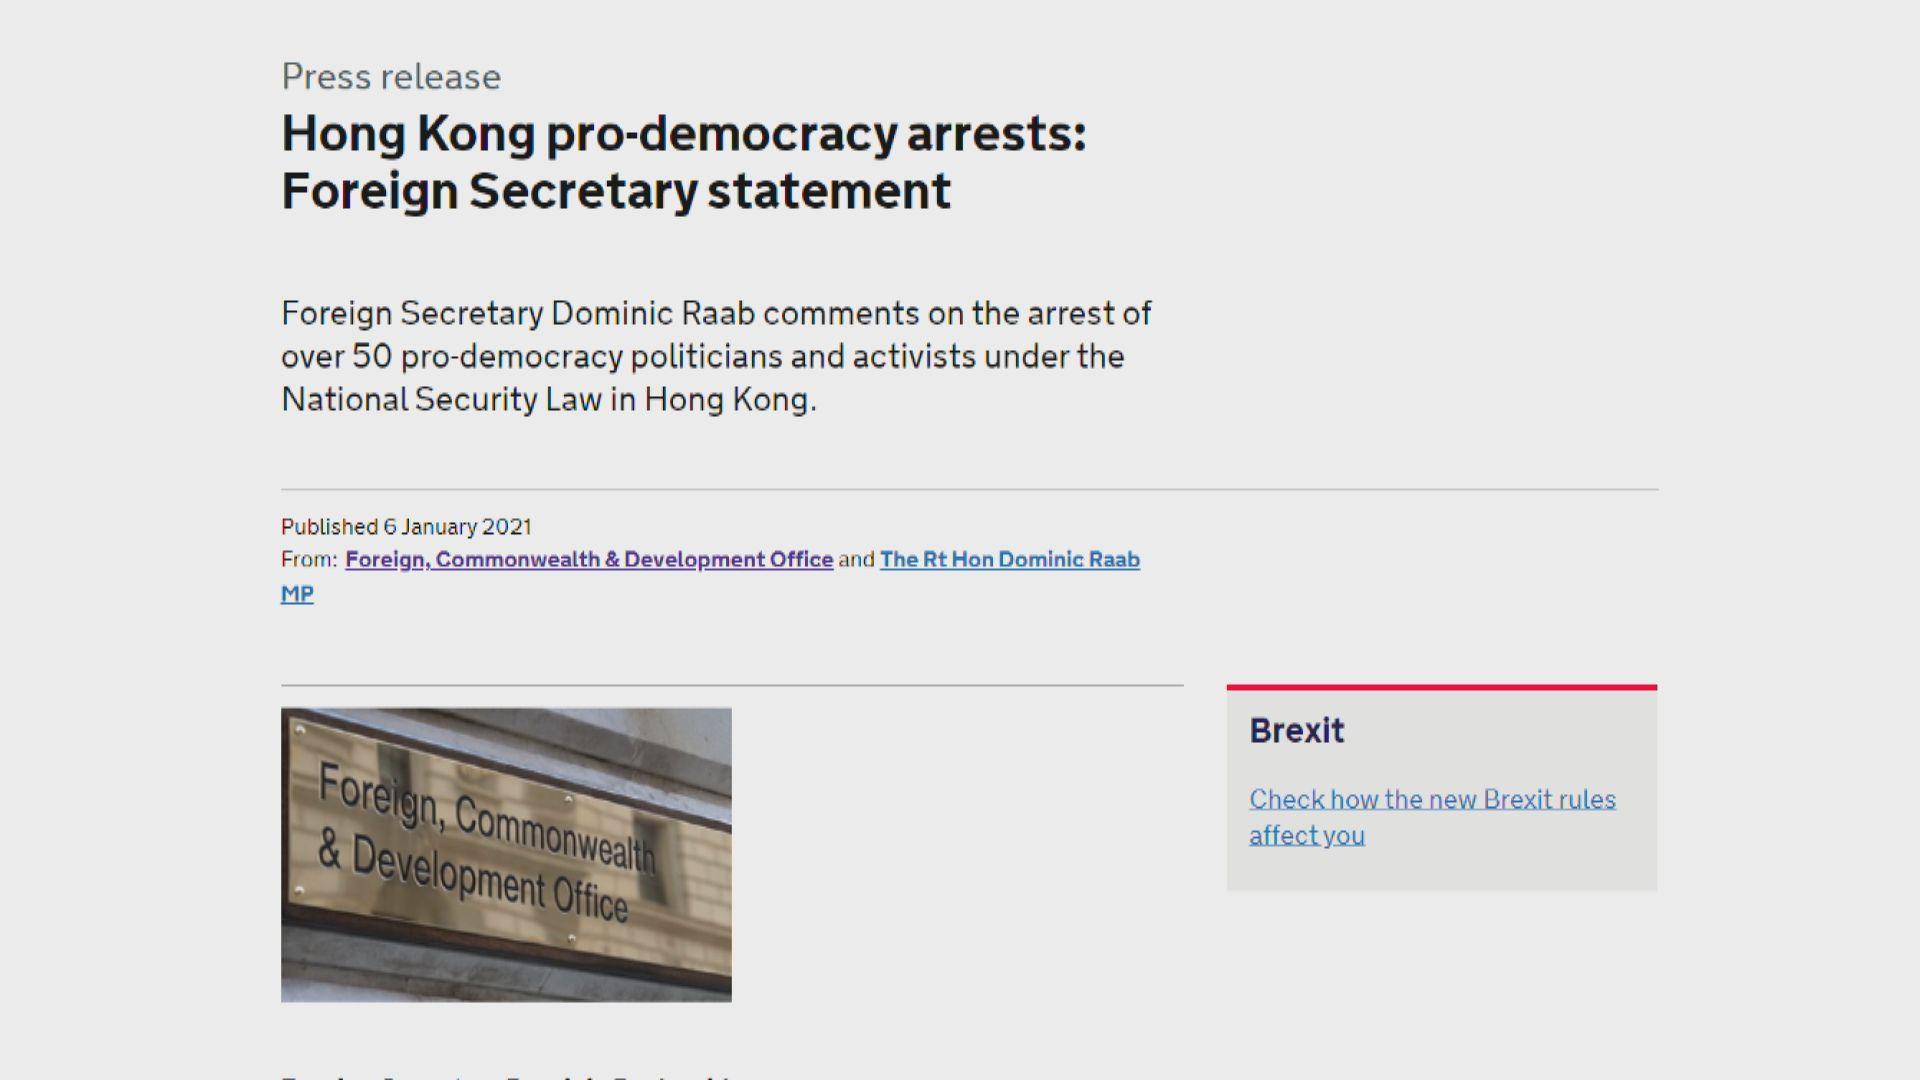 藍韜文指民主派被捕揭示港區國安法旨在打壓異見者